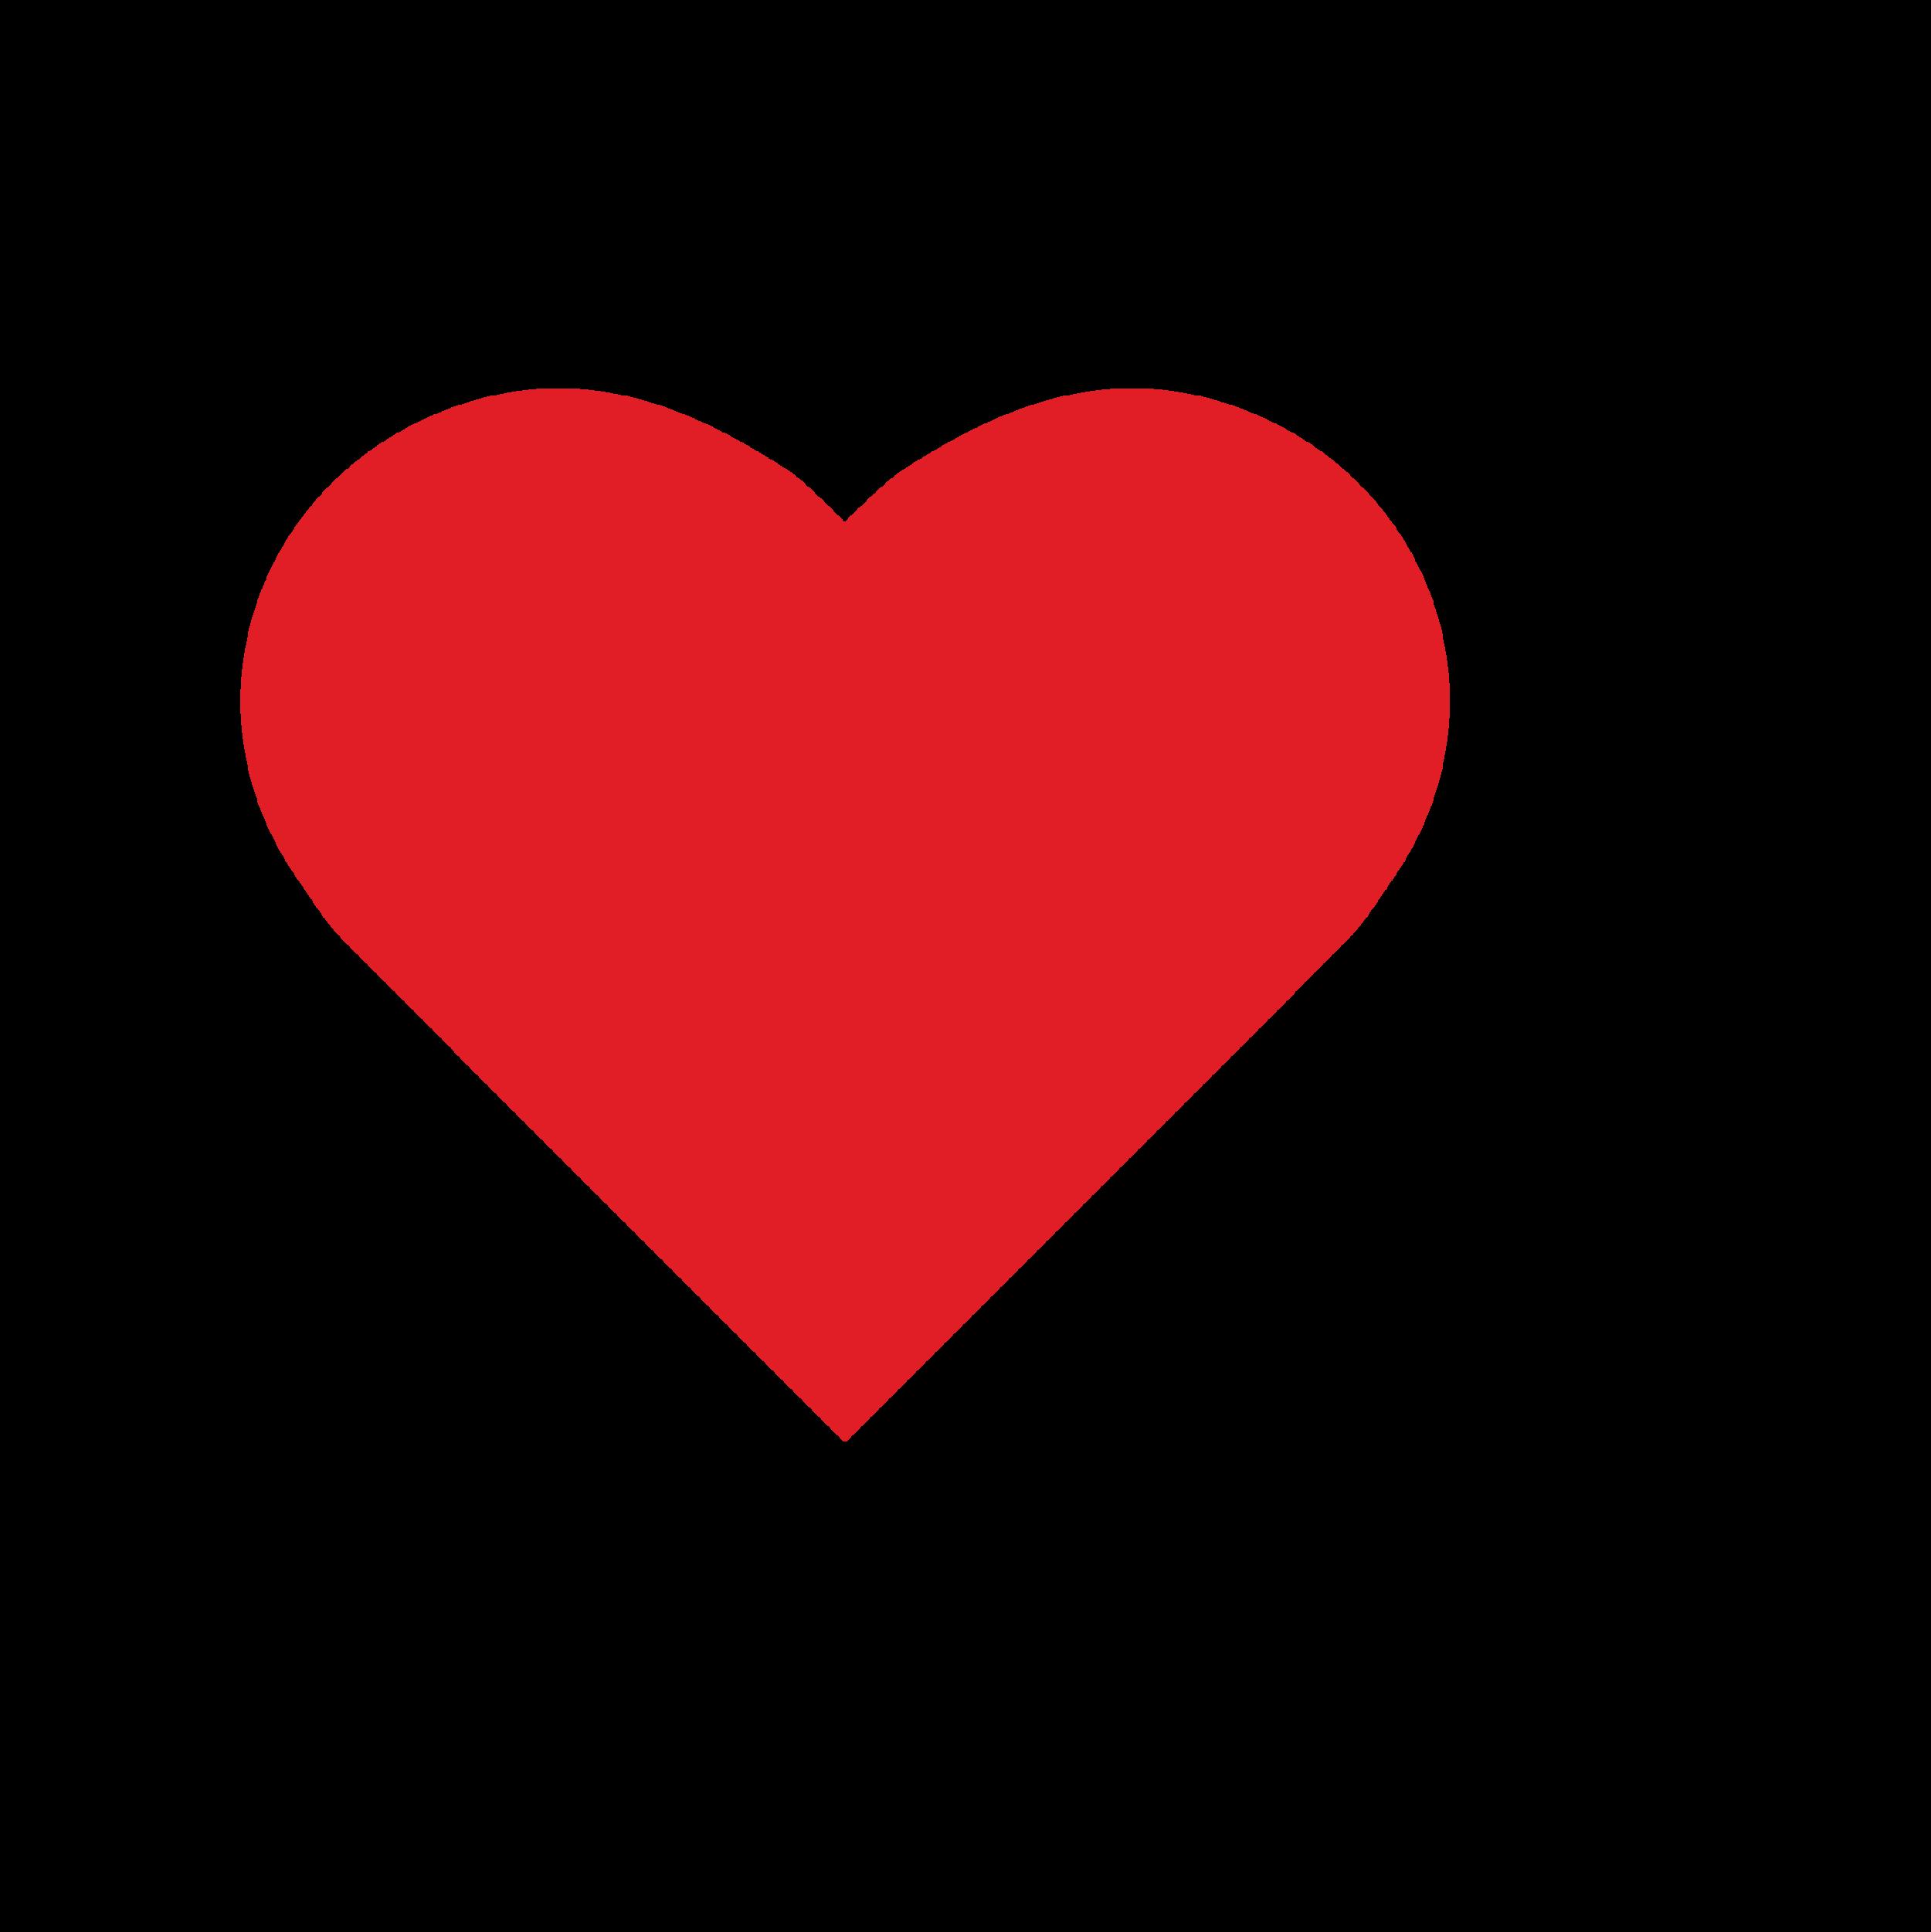 Soofa heart icon